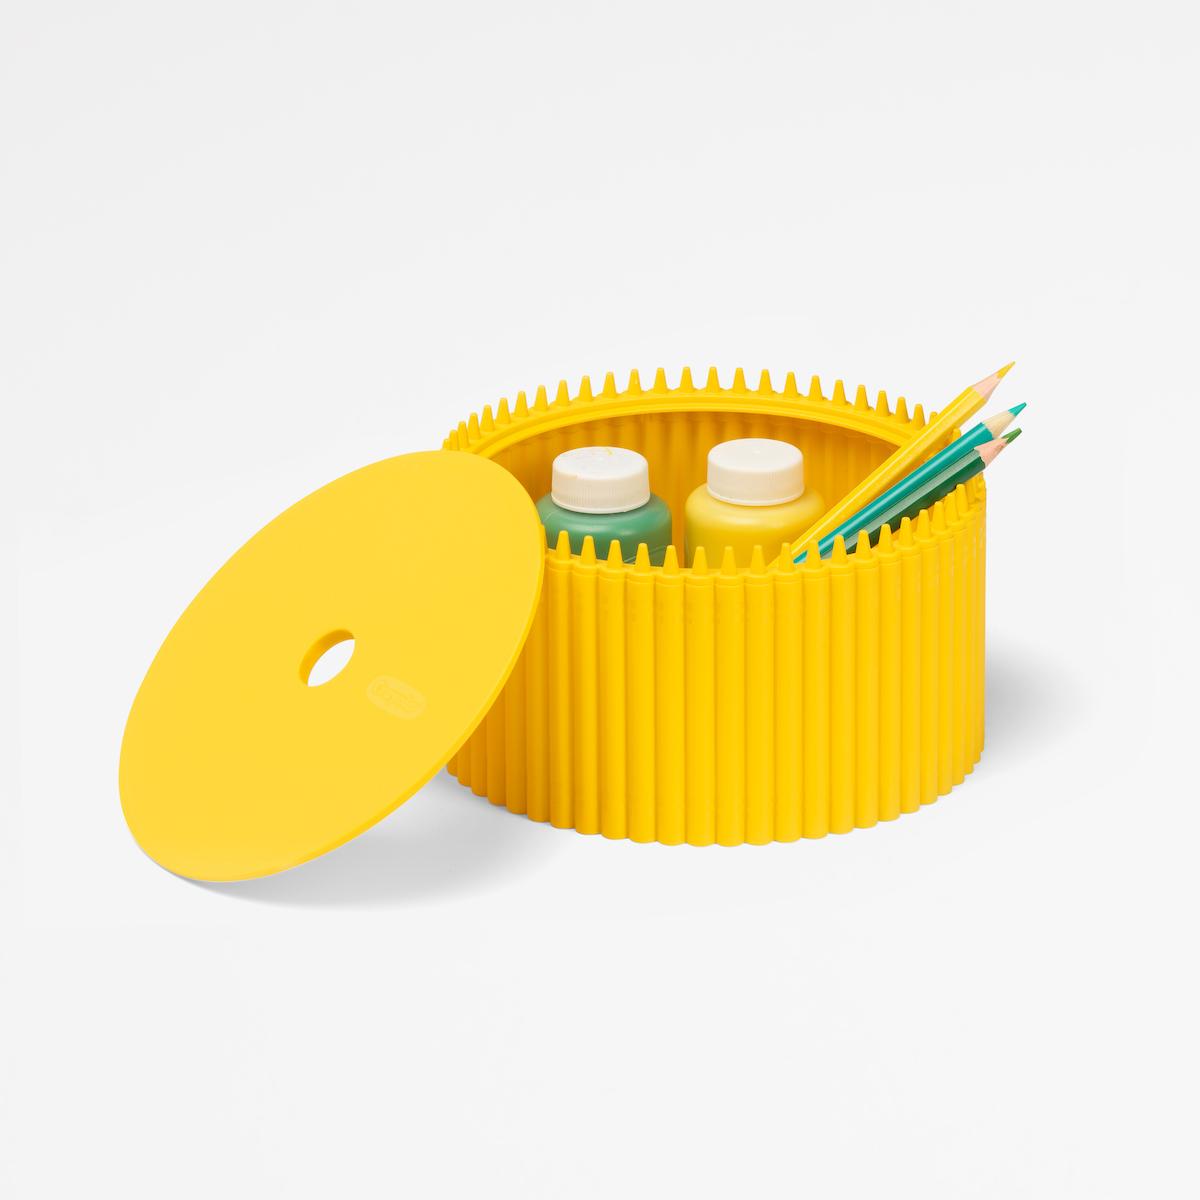 Crayola® Round Storage Box